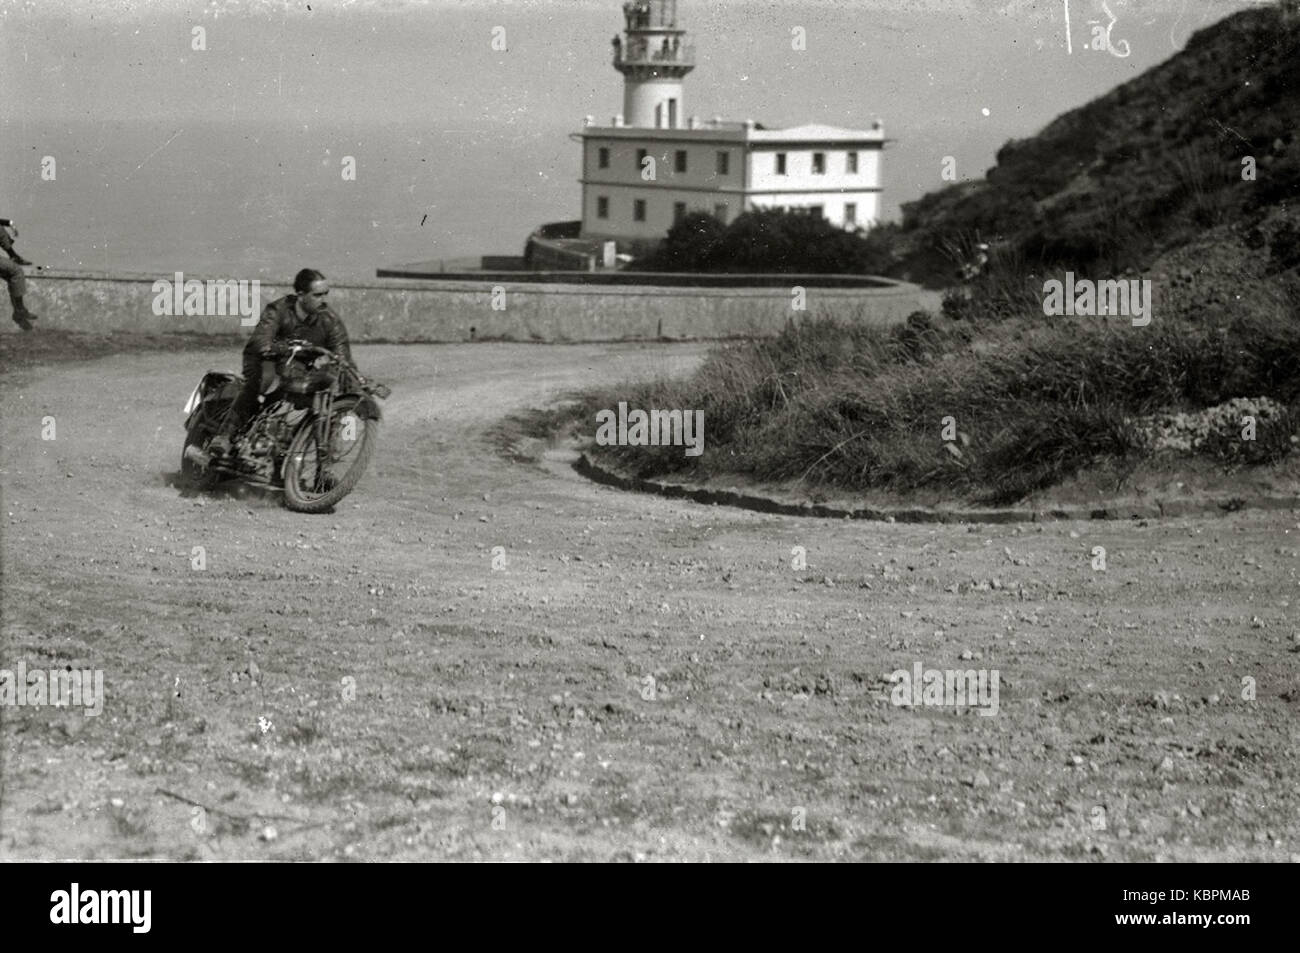 Motociclismo por el Paseo del Faro (5 de 6)   Fondo Car Kutxa Fototeka Stock Photo